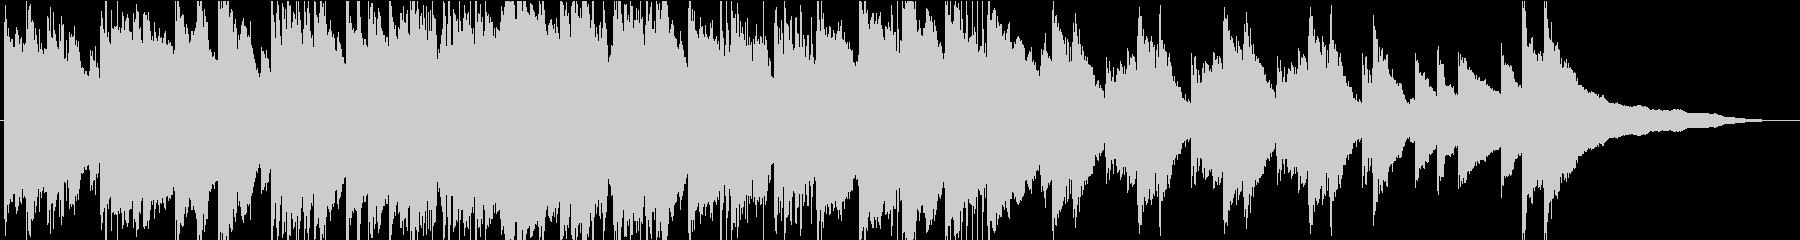 忍び寄る影…クラシック調の不気味なホラーの未再生の波形